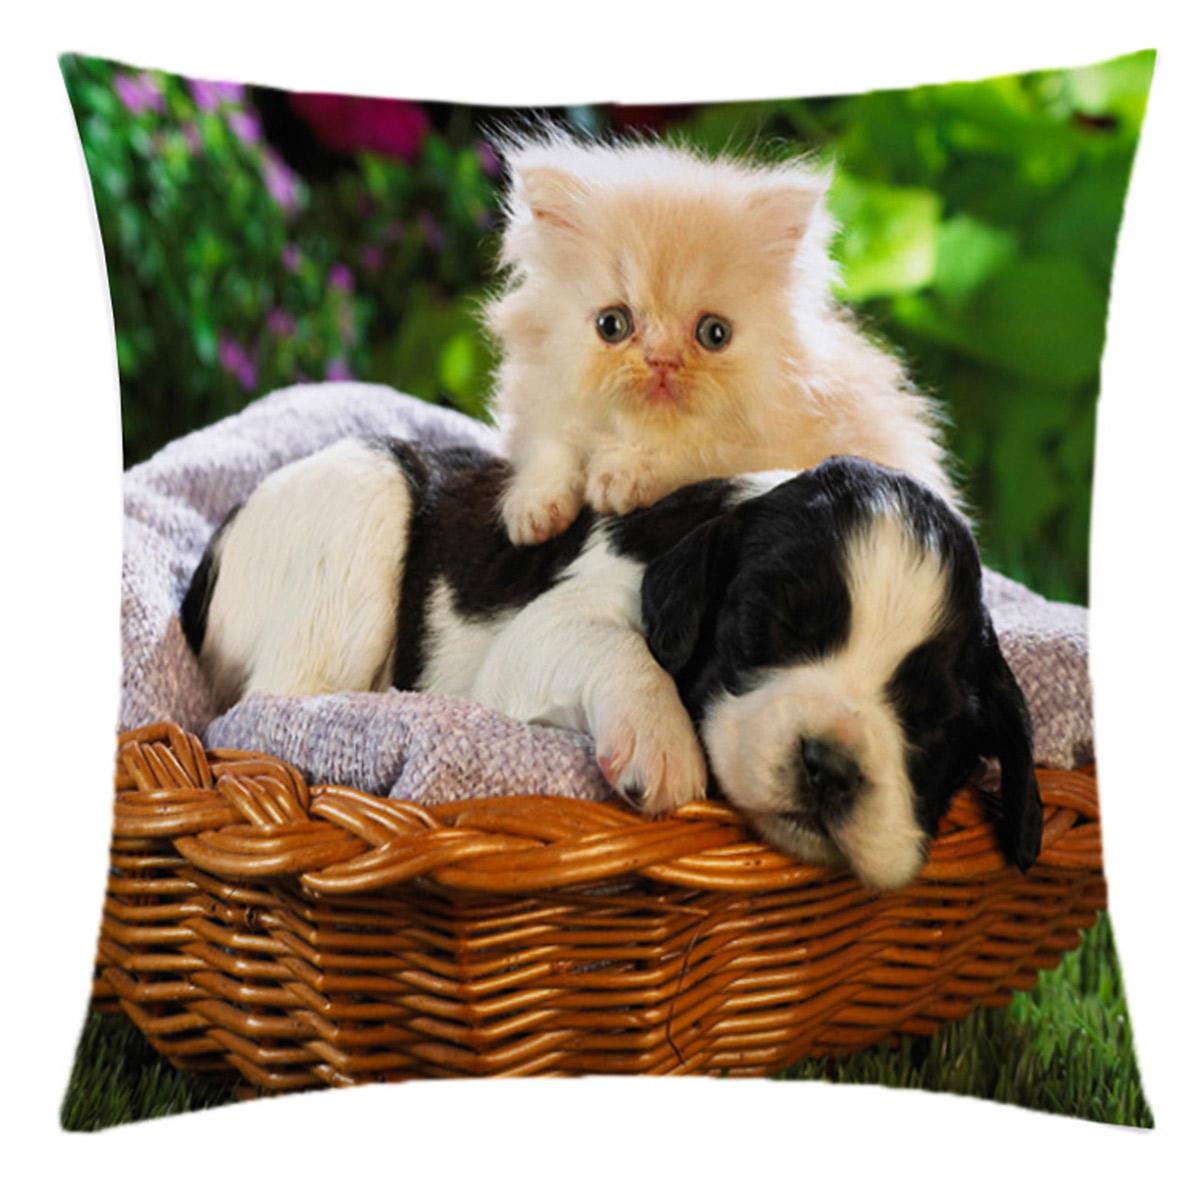 Almofada Desenhada Decoração Gatinho e Cachorrinho com 2 peças tecido Microfibra - Almofada Digital